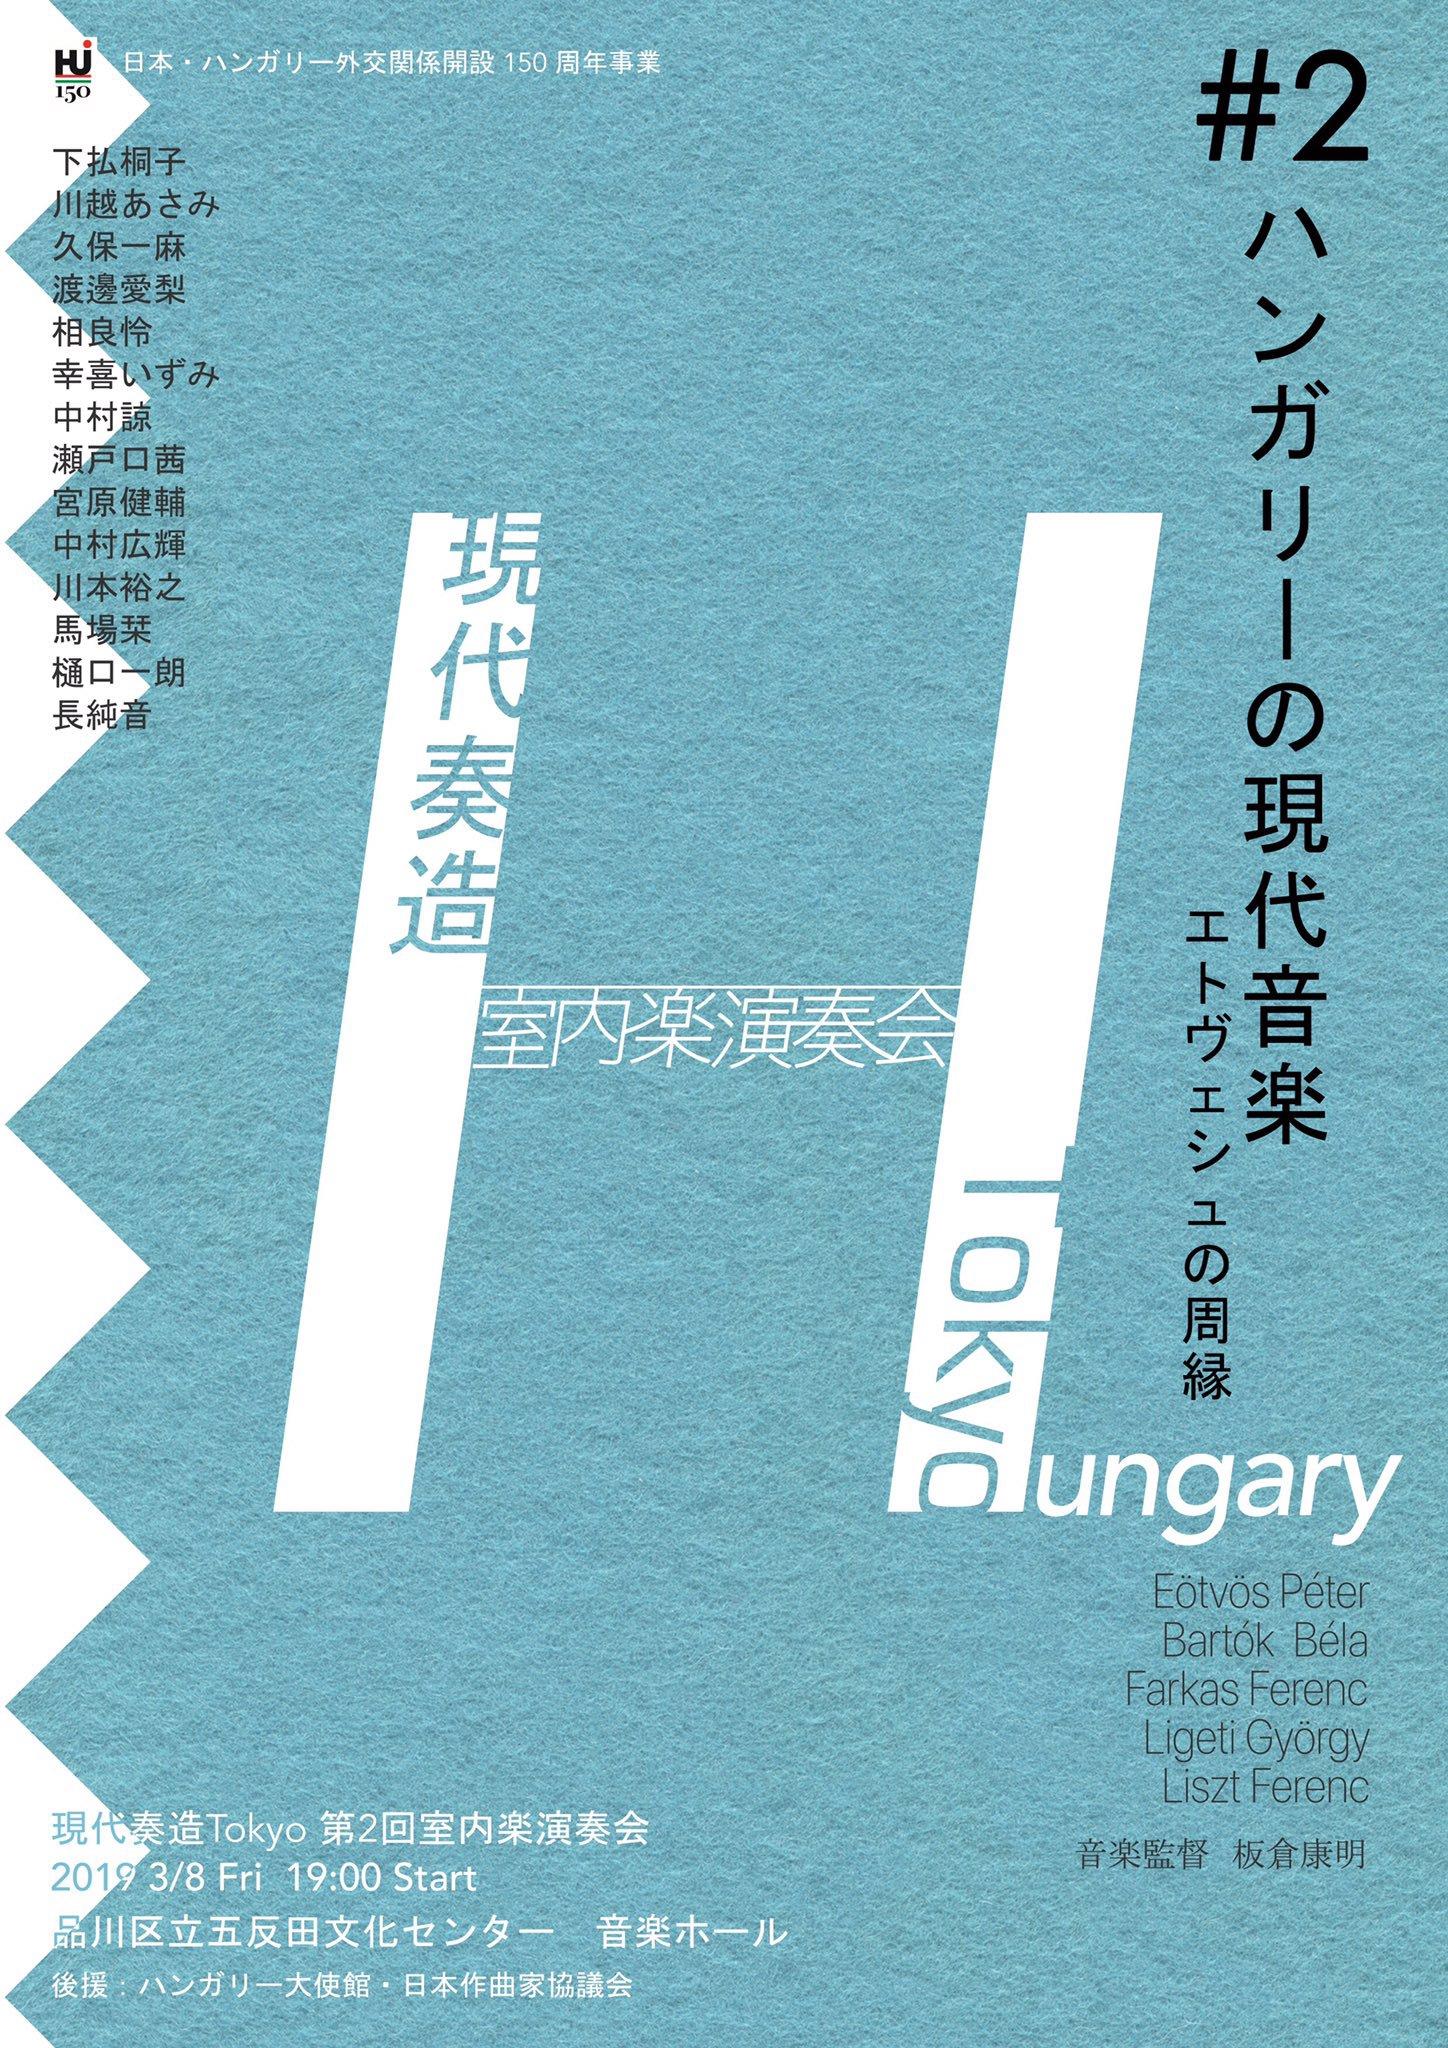 2019年3月8日 第2回室内楽演奏会 ハンガリーの現代音楽 エトヴェシュの周縁 日本・ハンガリー外交関係開設 150 周年事業